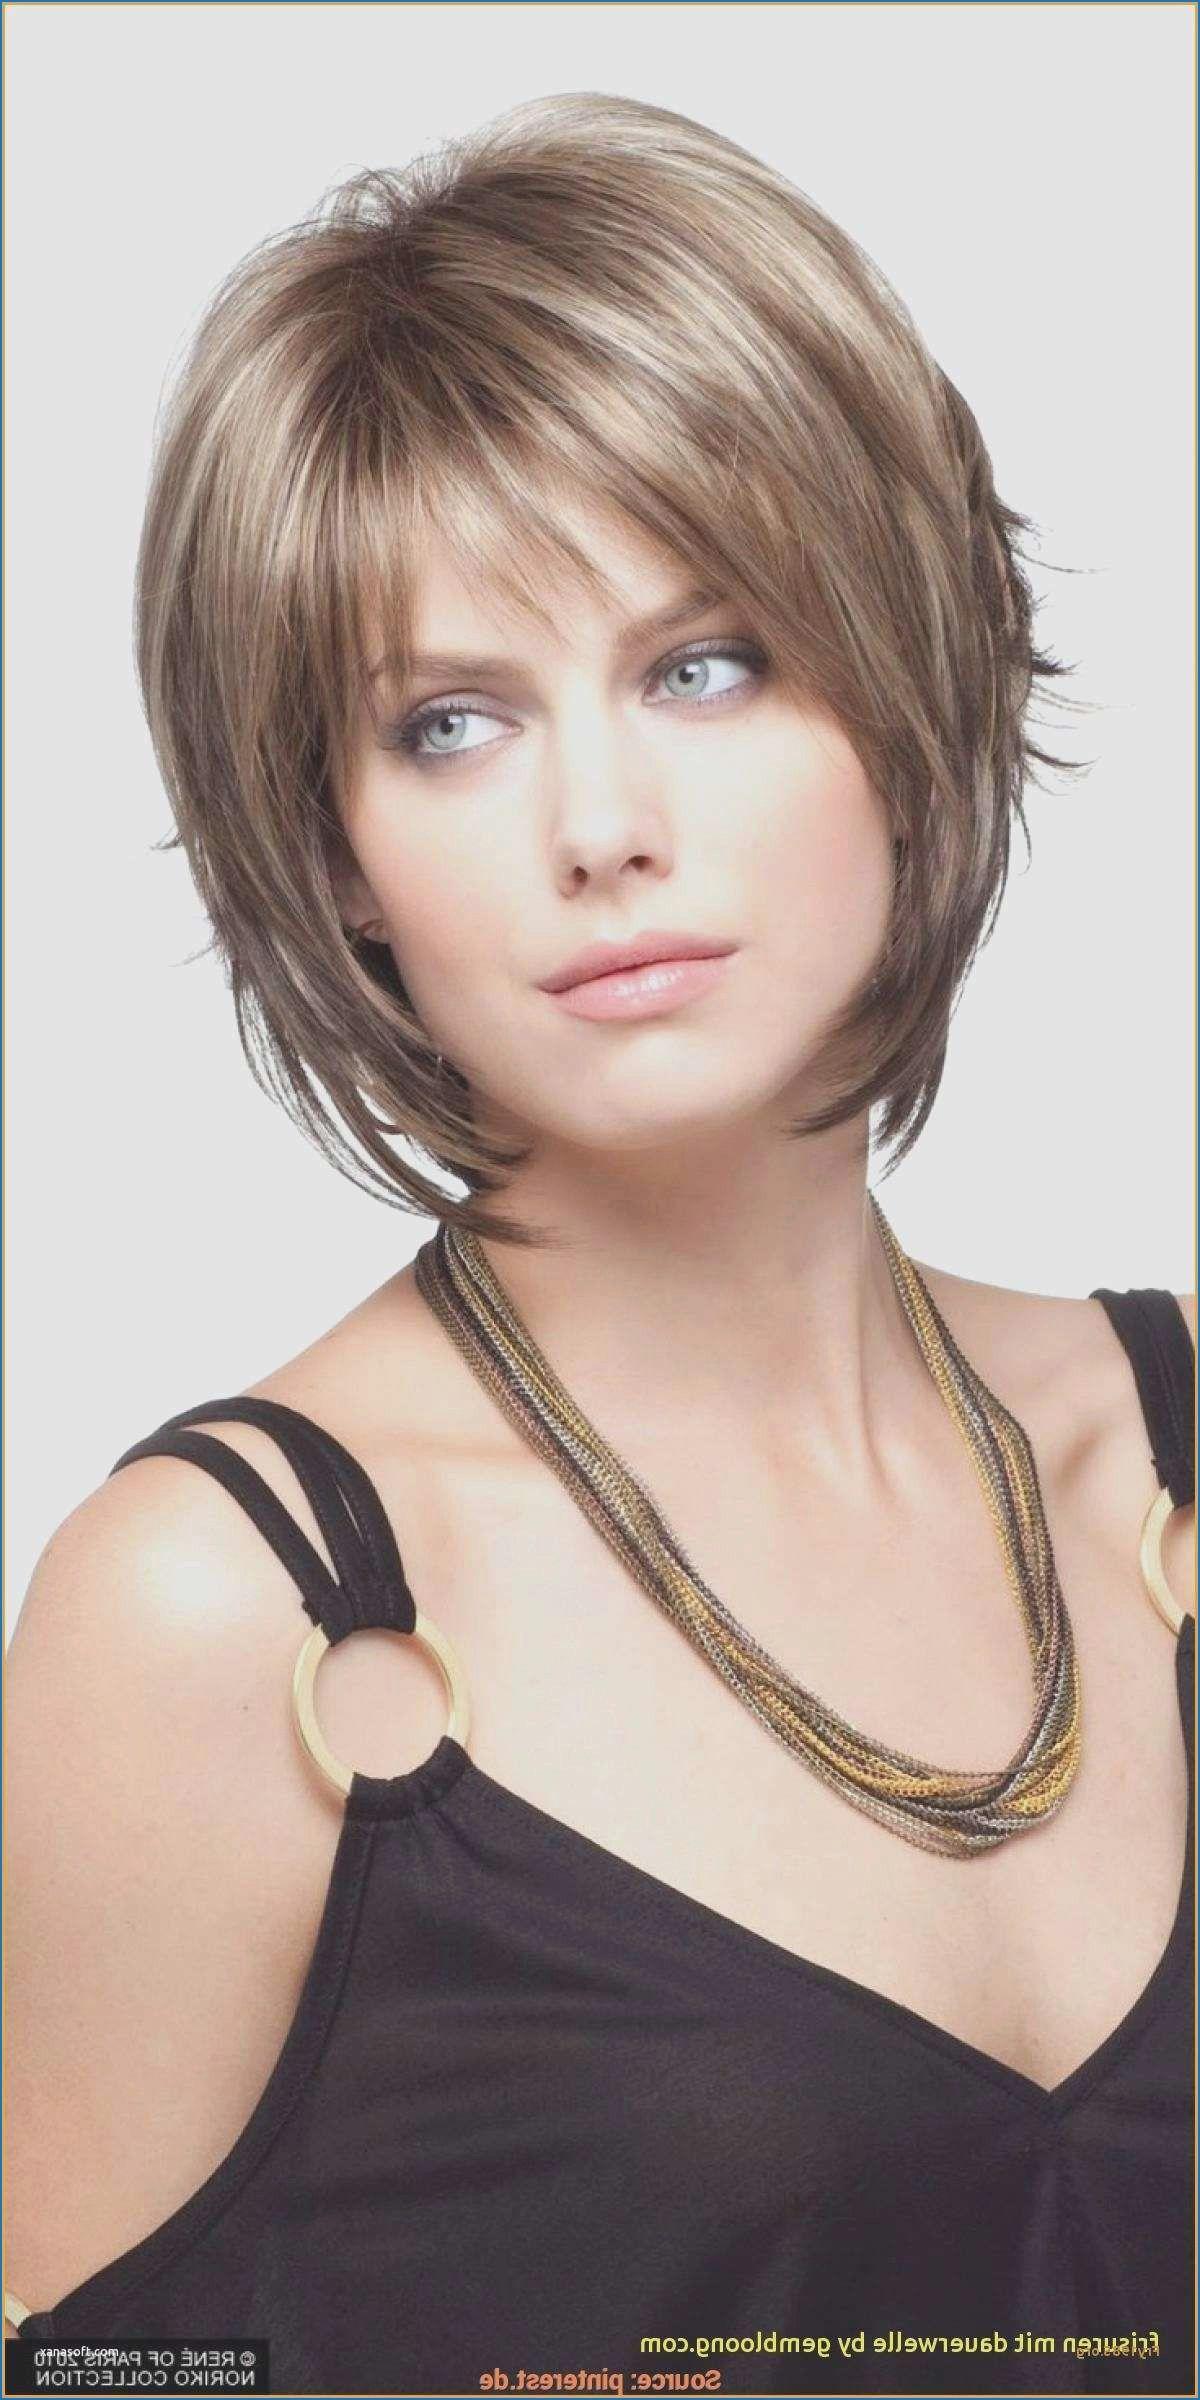 Frisuren Frauen Um Die 50 Kurzhaarfrisuren Bob Frisur Ovales Gesicht Haare Vorher Nachher